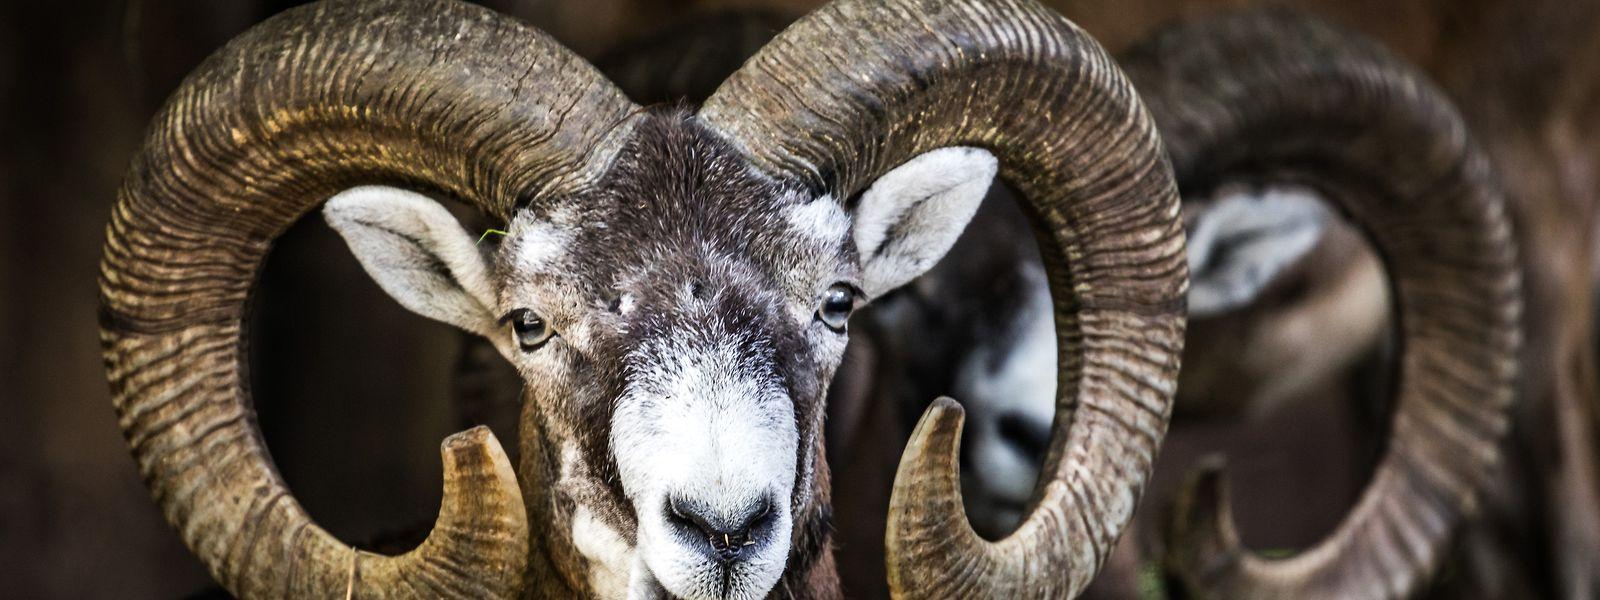 Die Mufflons verursachen hohen Schaden am Waldbestand und sollen deshalb bejagt werden.